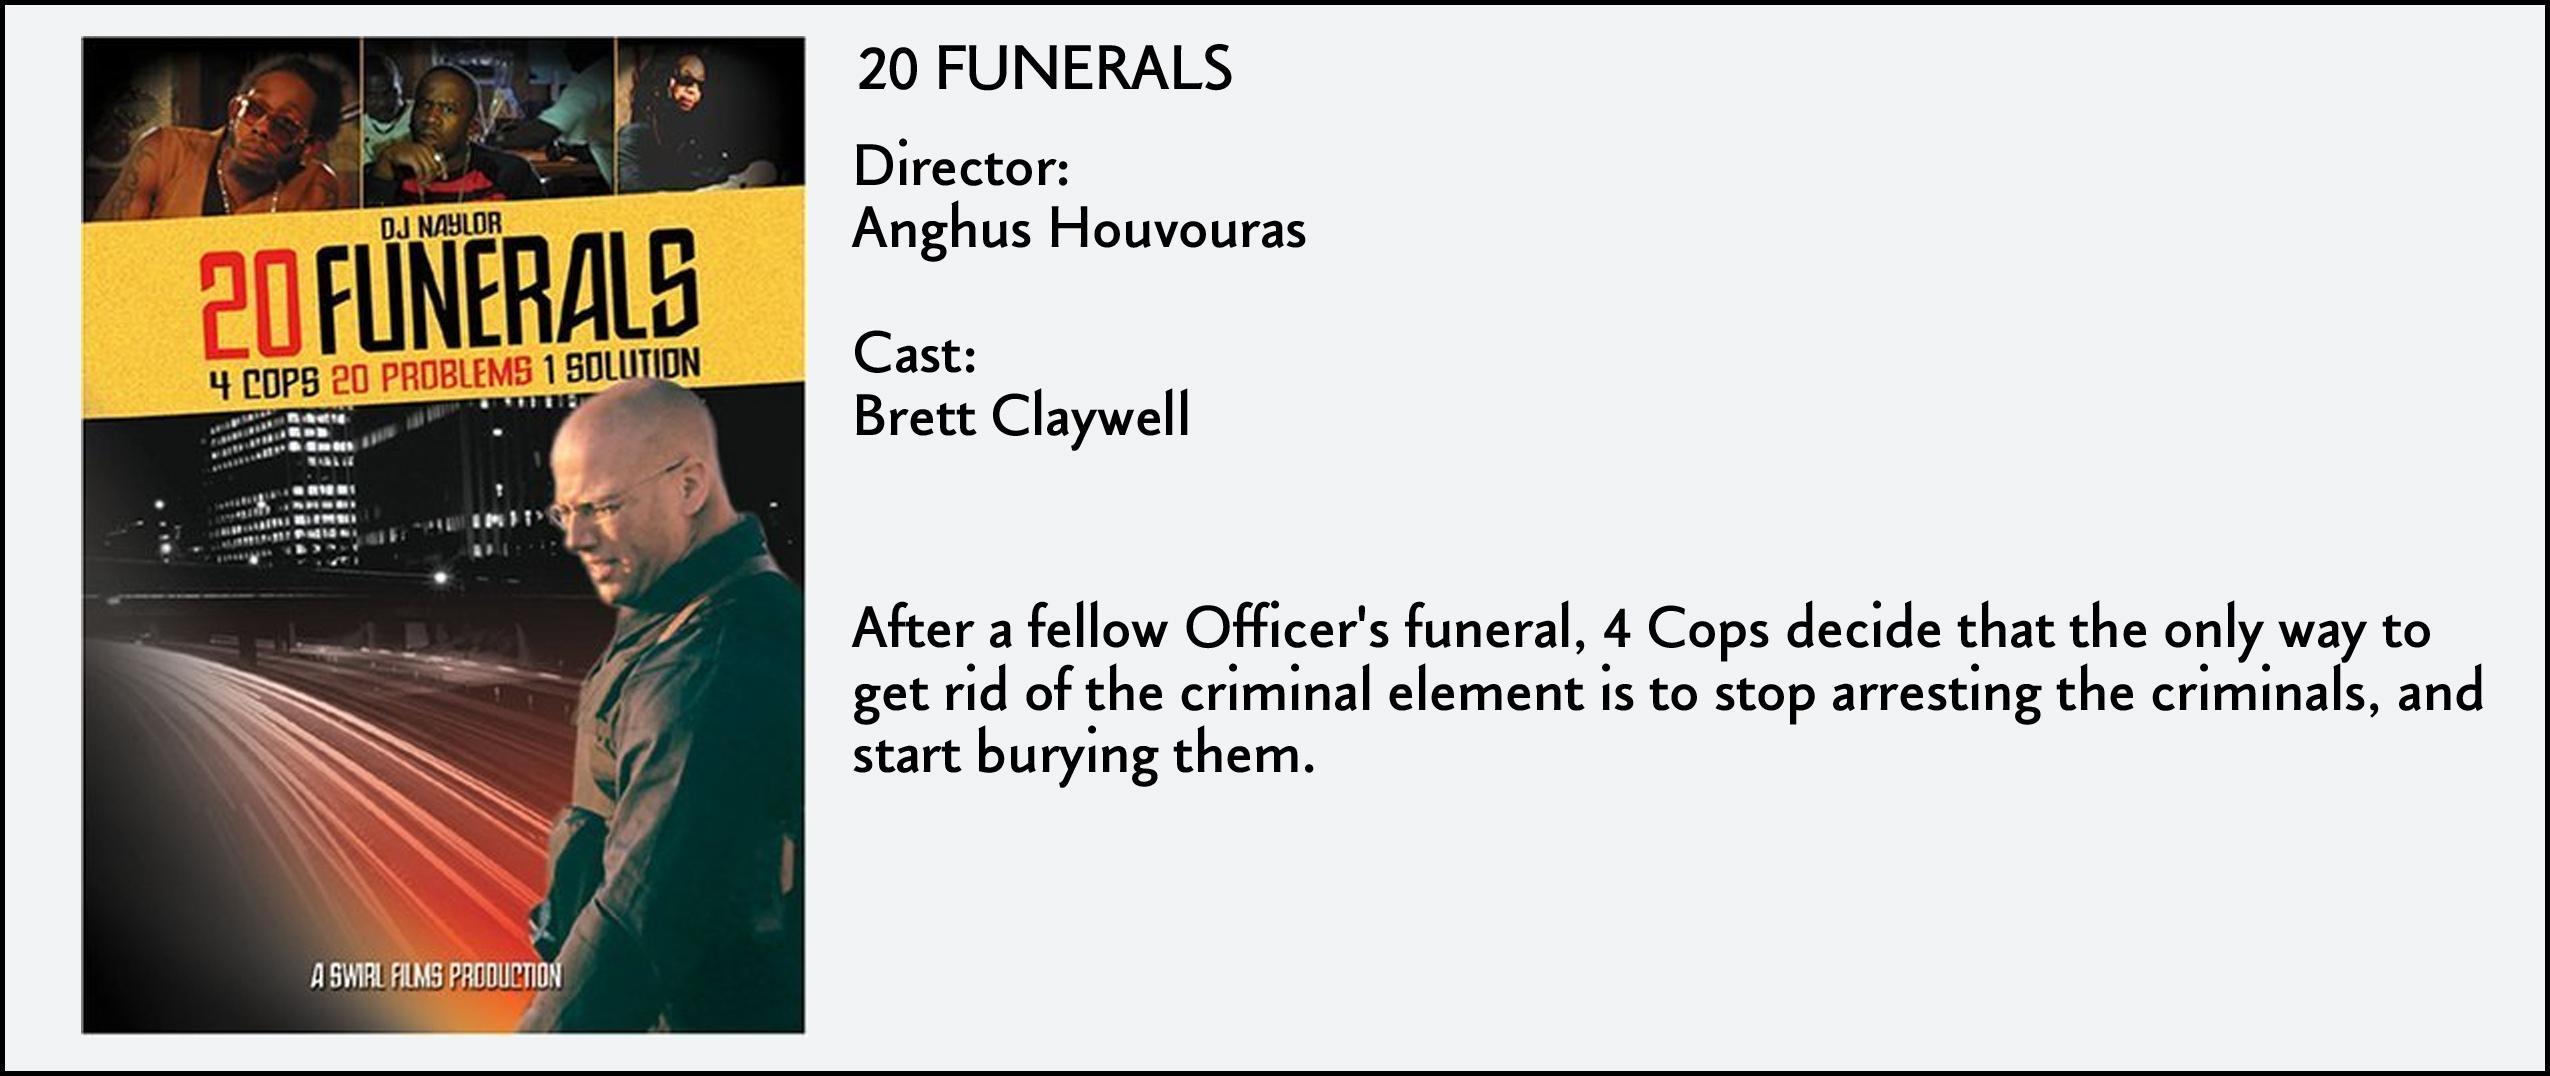 20 Funerals